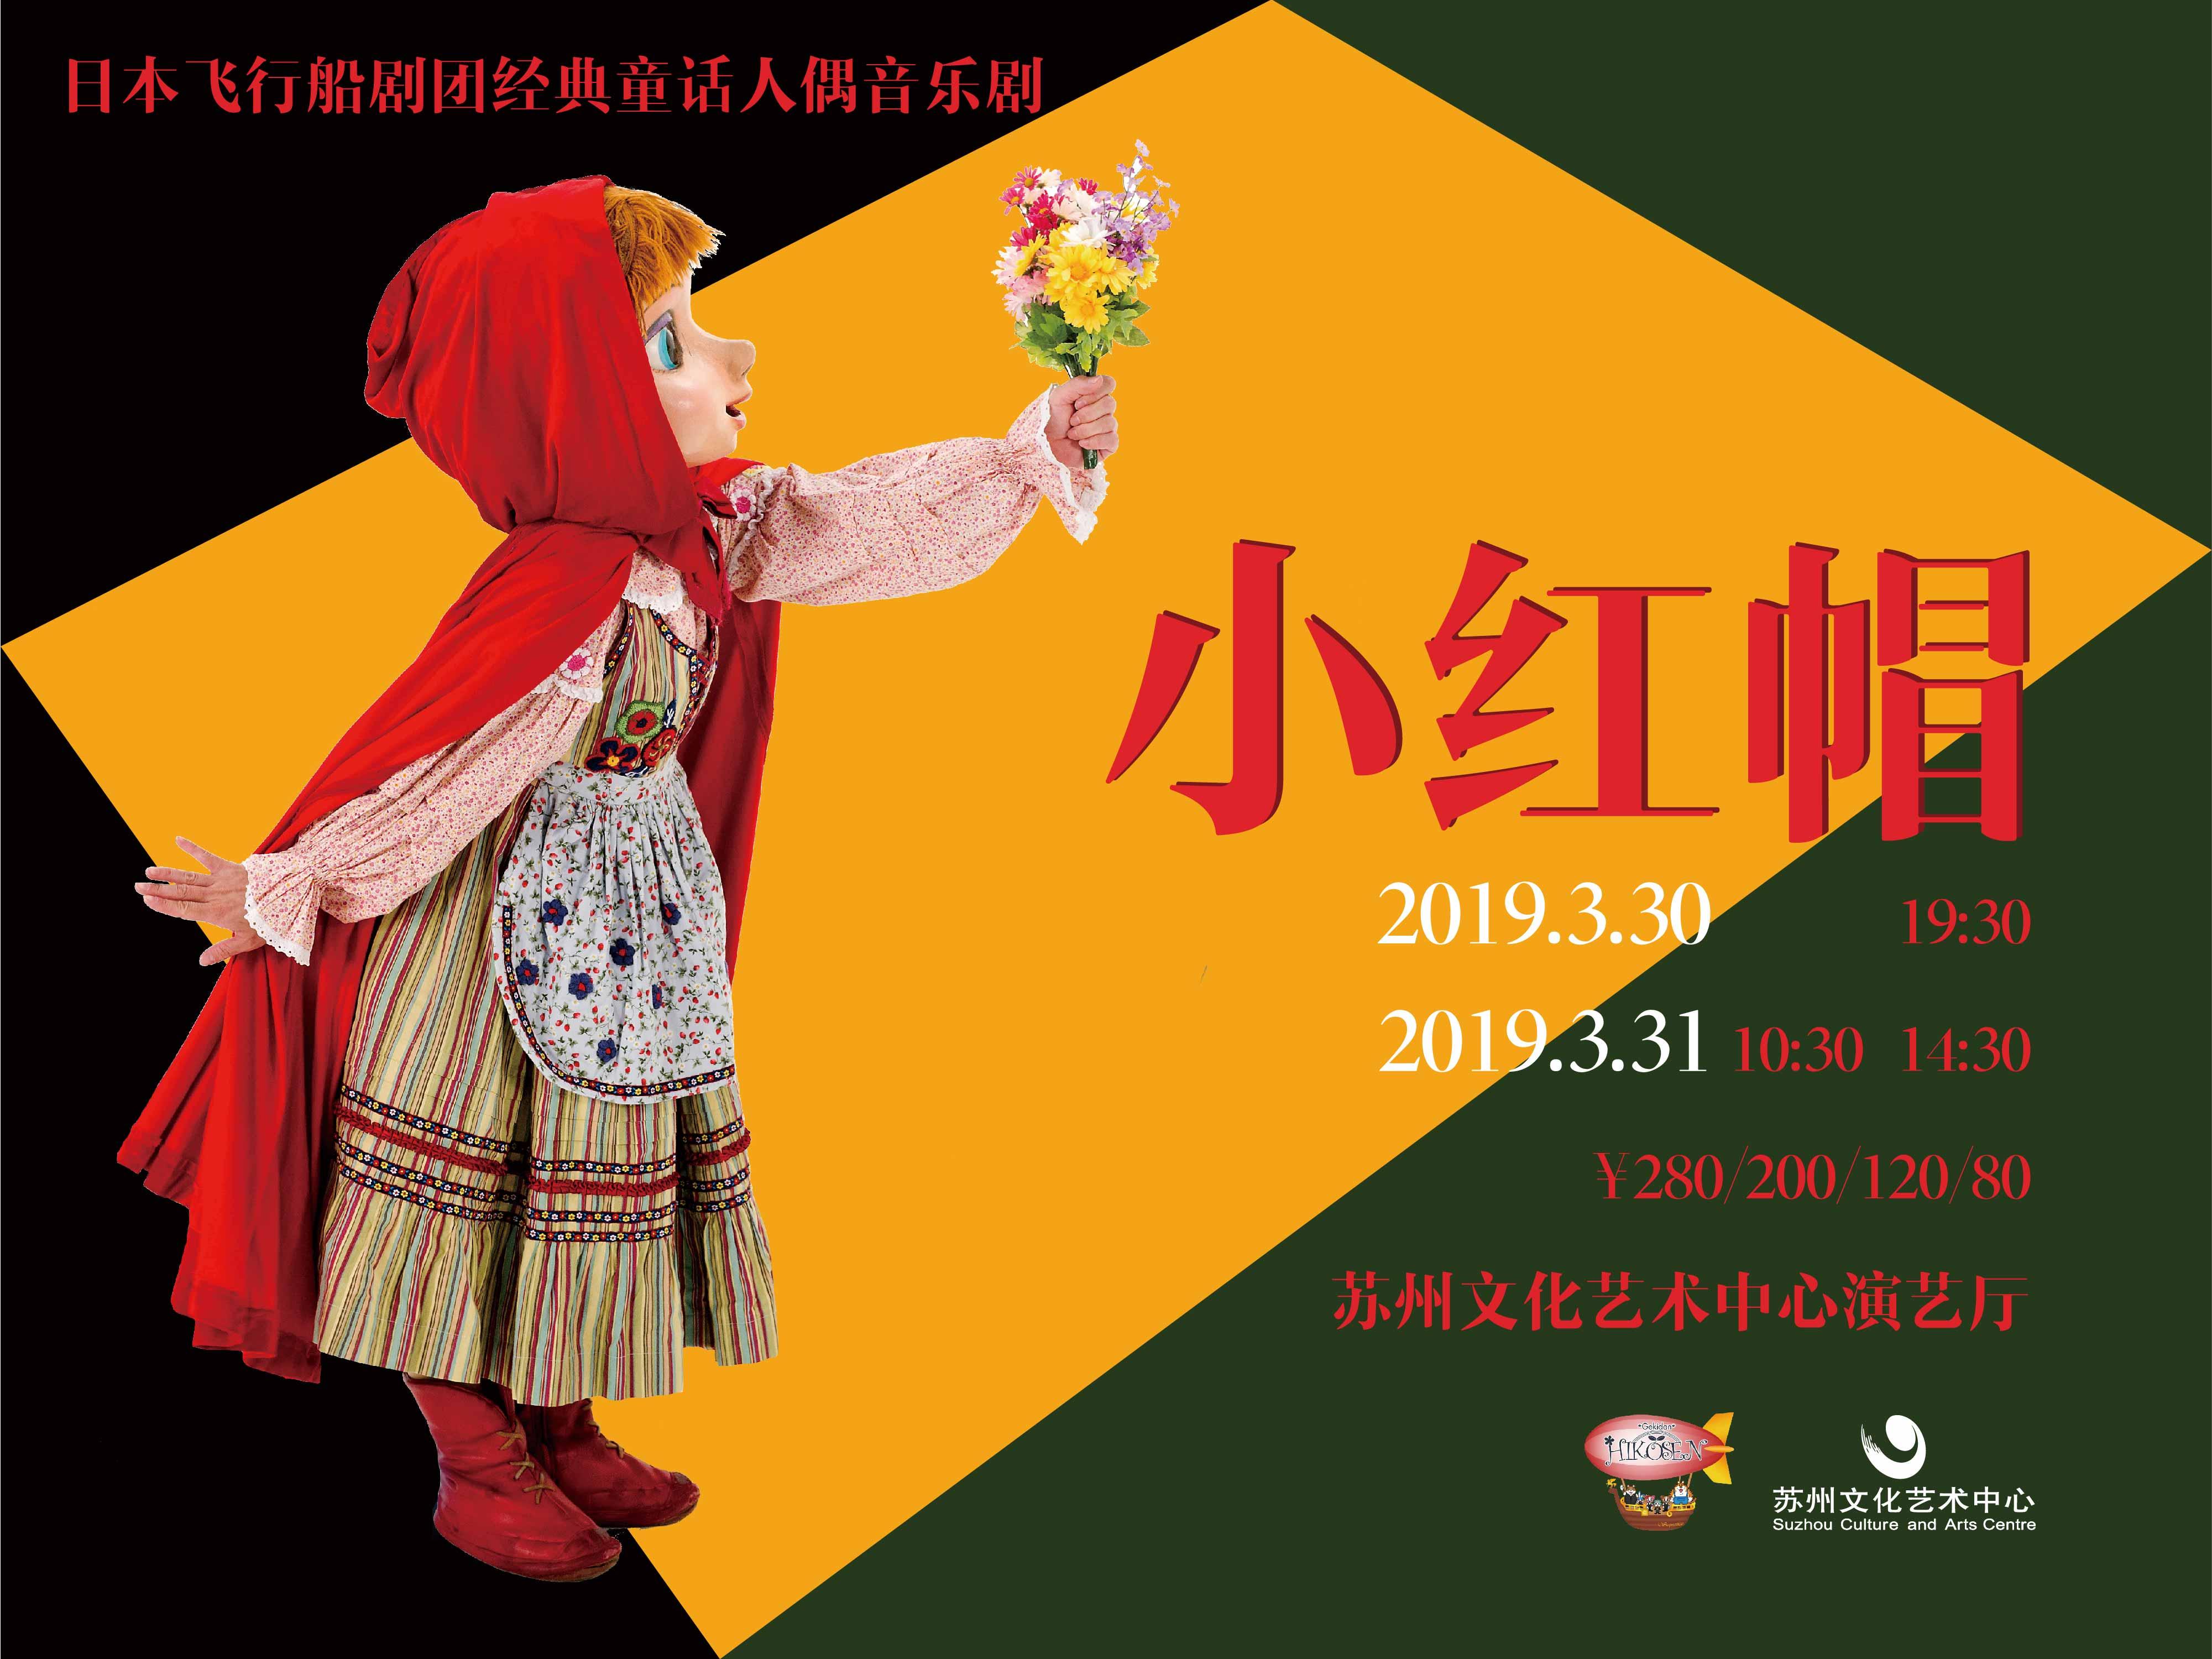 日本飞行船剧团经典童话人偶音乐剧 《小红帽》